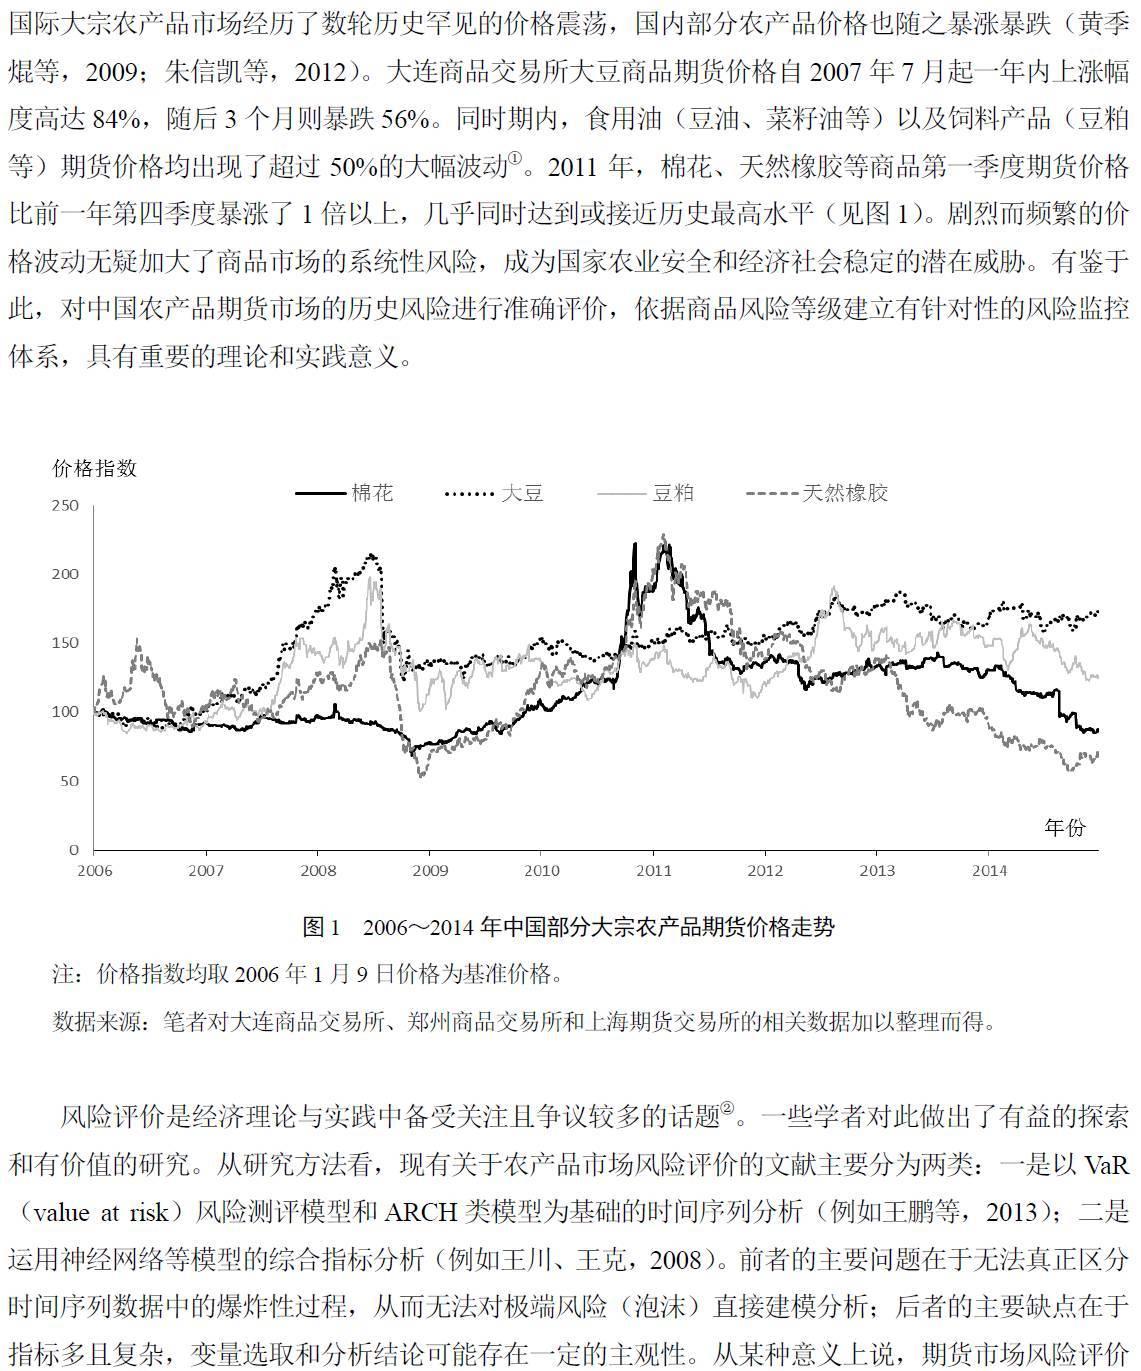 农产品期货市场风险评价